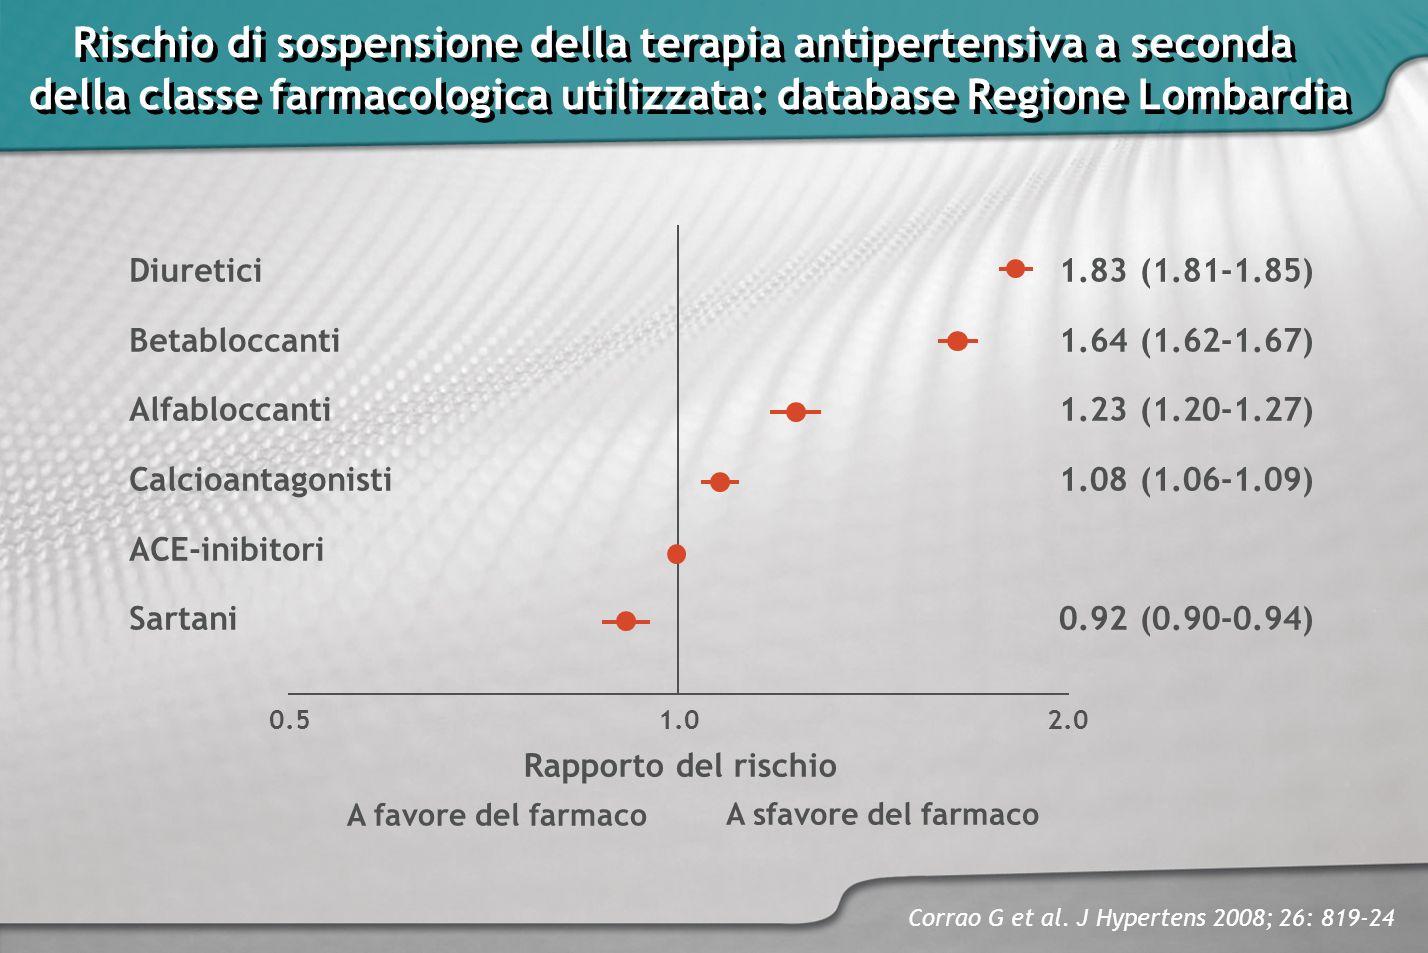 Rischio di sospensione della terapia antipertensiva a seconda